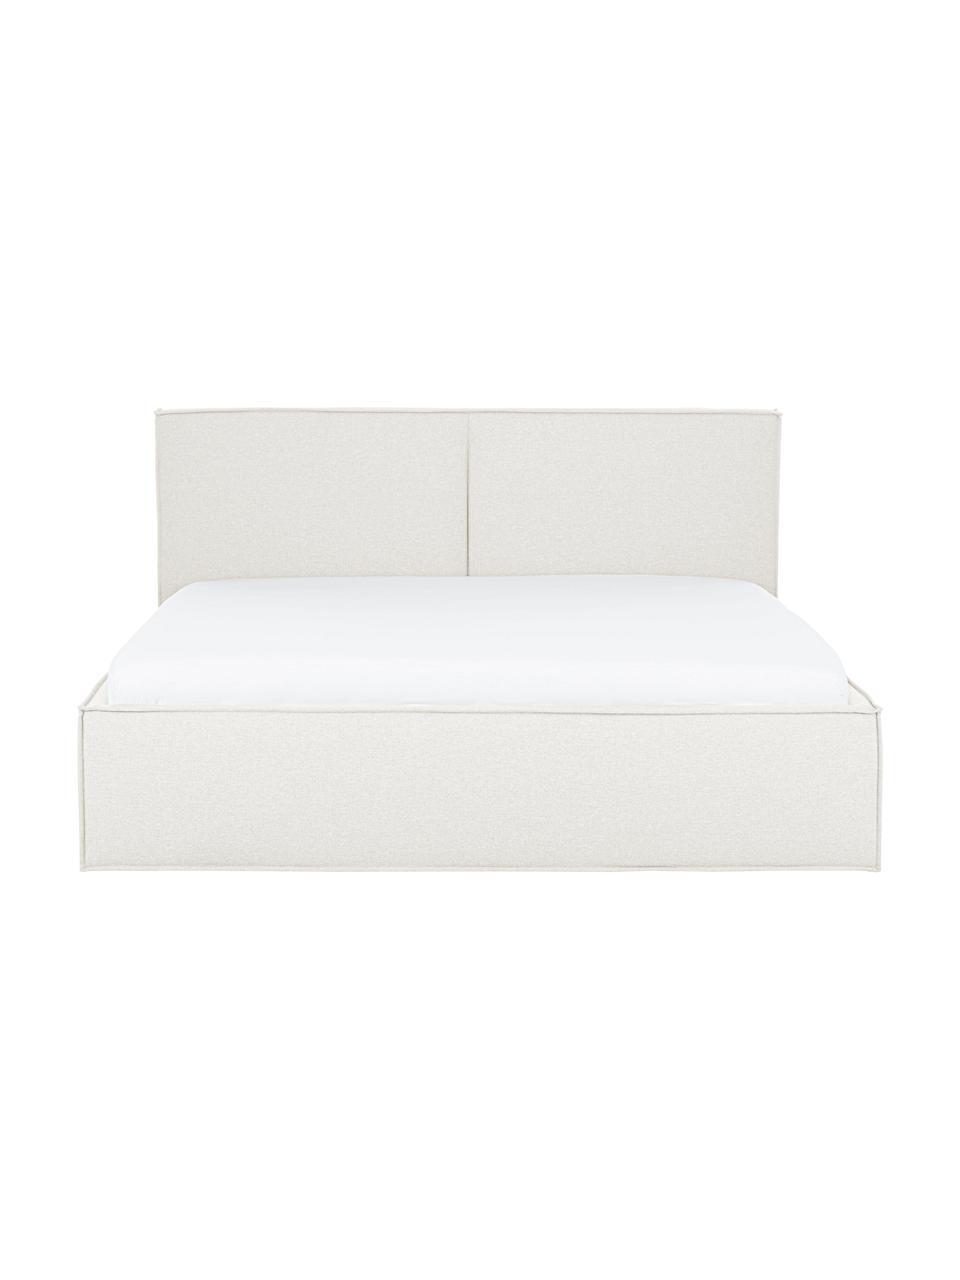 Łóżko tapicerowane Dream, Korpus: lite drewno sosnowe i pły, Tapicerka: 100 % poliester (tkanina , Beżowy, S 180 x D 200 cm